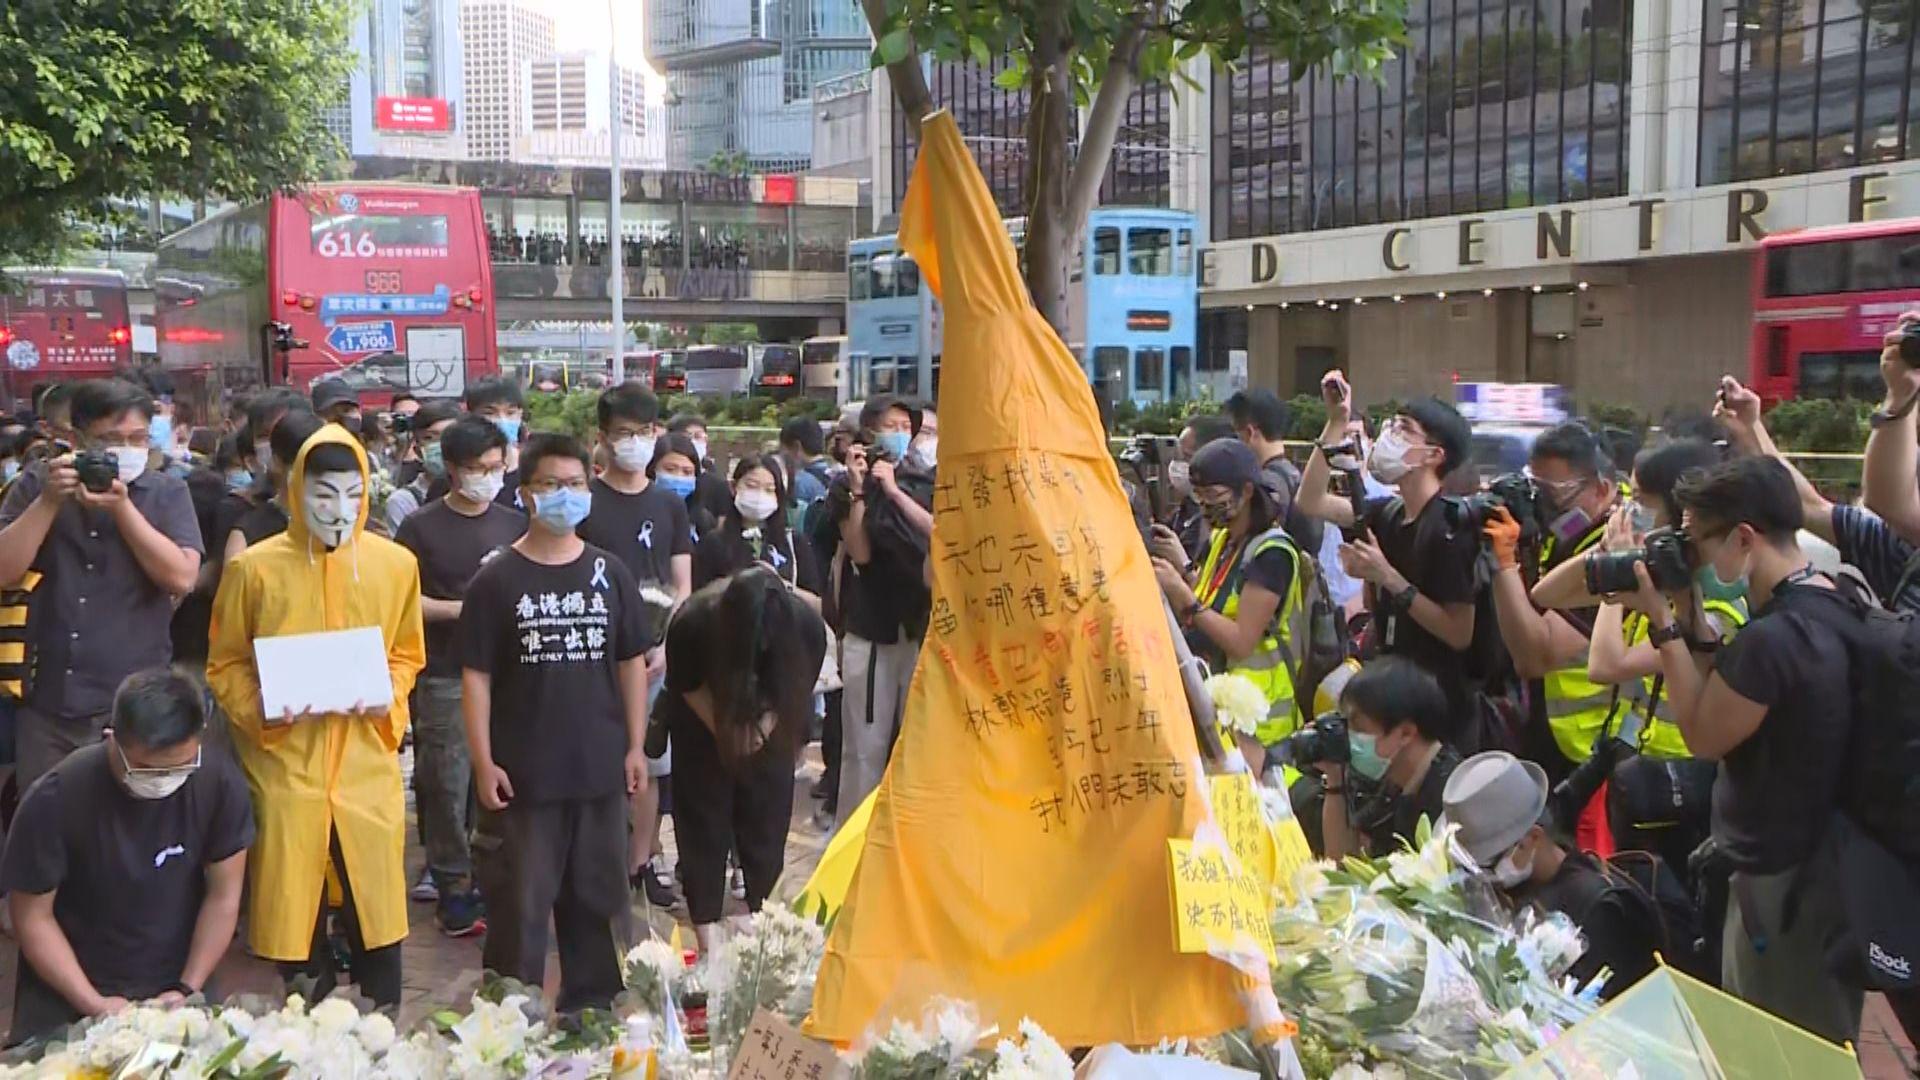 金鐘太古廣場有市民悼念一年前墮樓男子梁凌杰